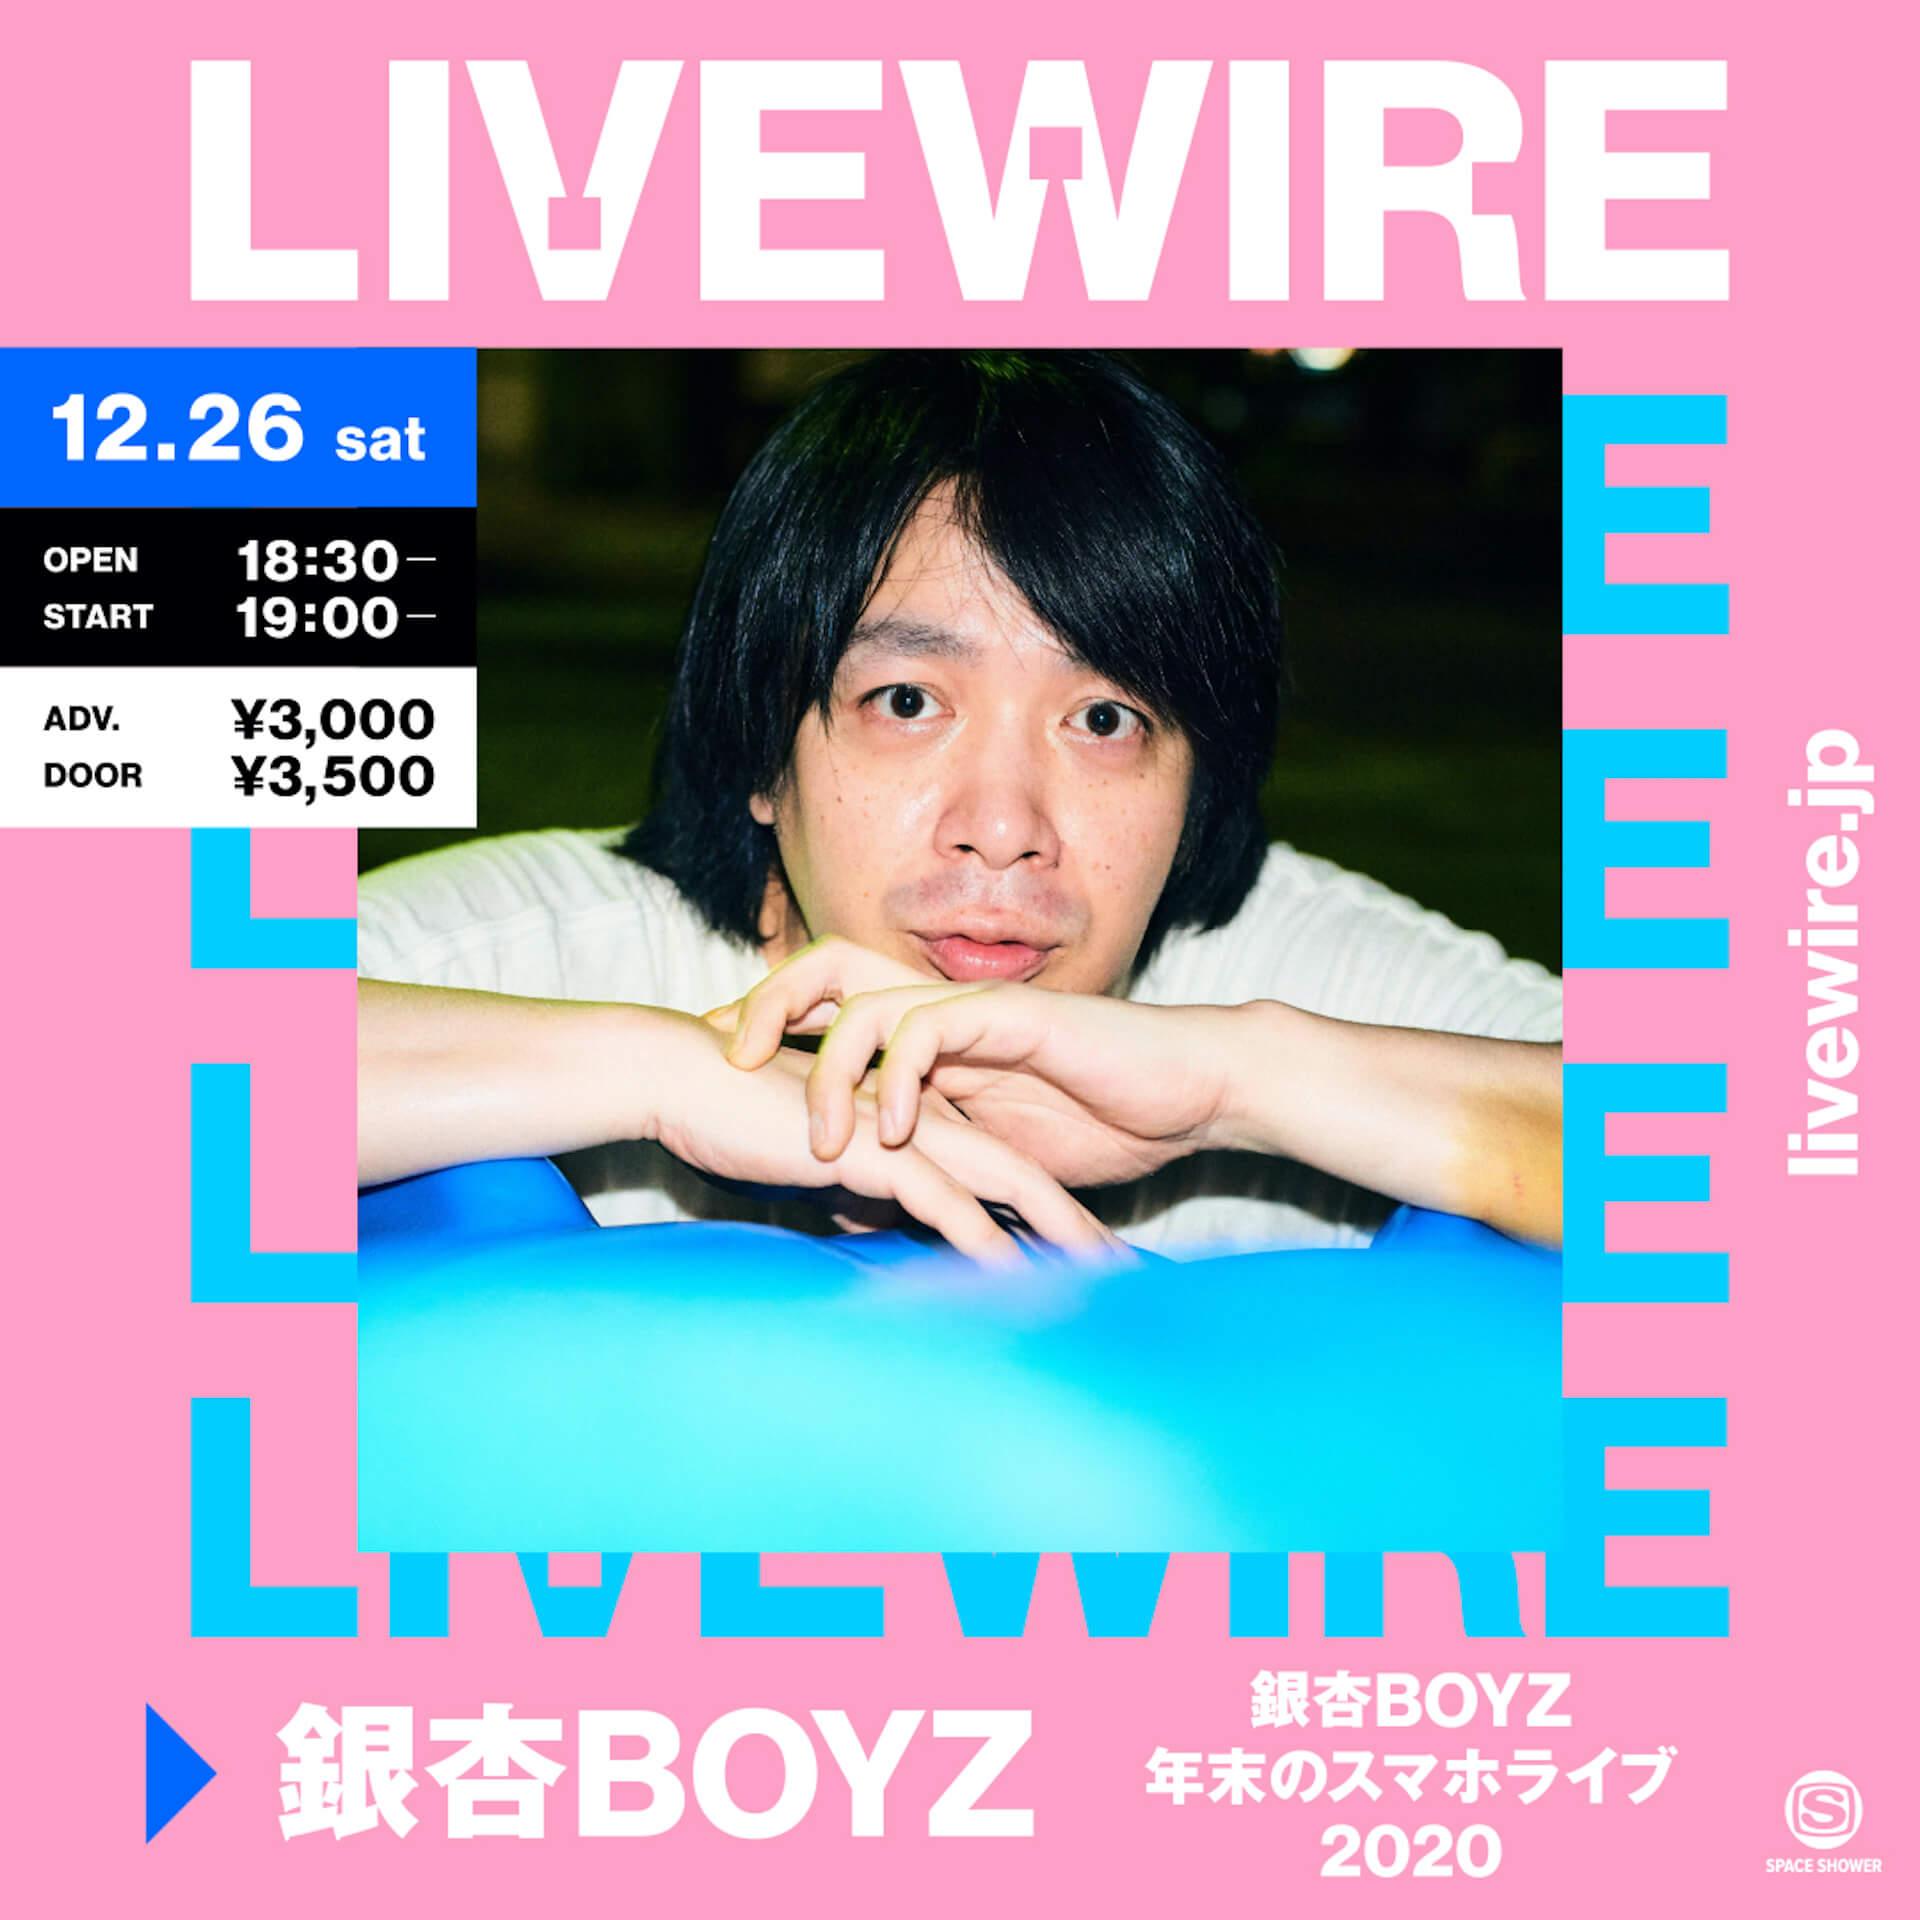 銀杏BOYZによる生配信ライブが開催!空気階段・鈴木もぐらがTwitterで生実況&プレゼント企画に参加 music201225_gingnangboyz-main